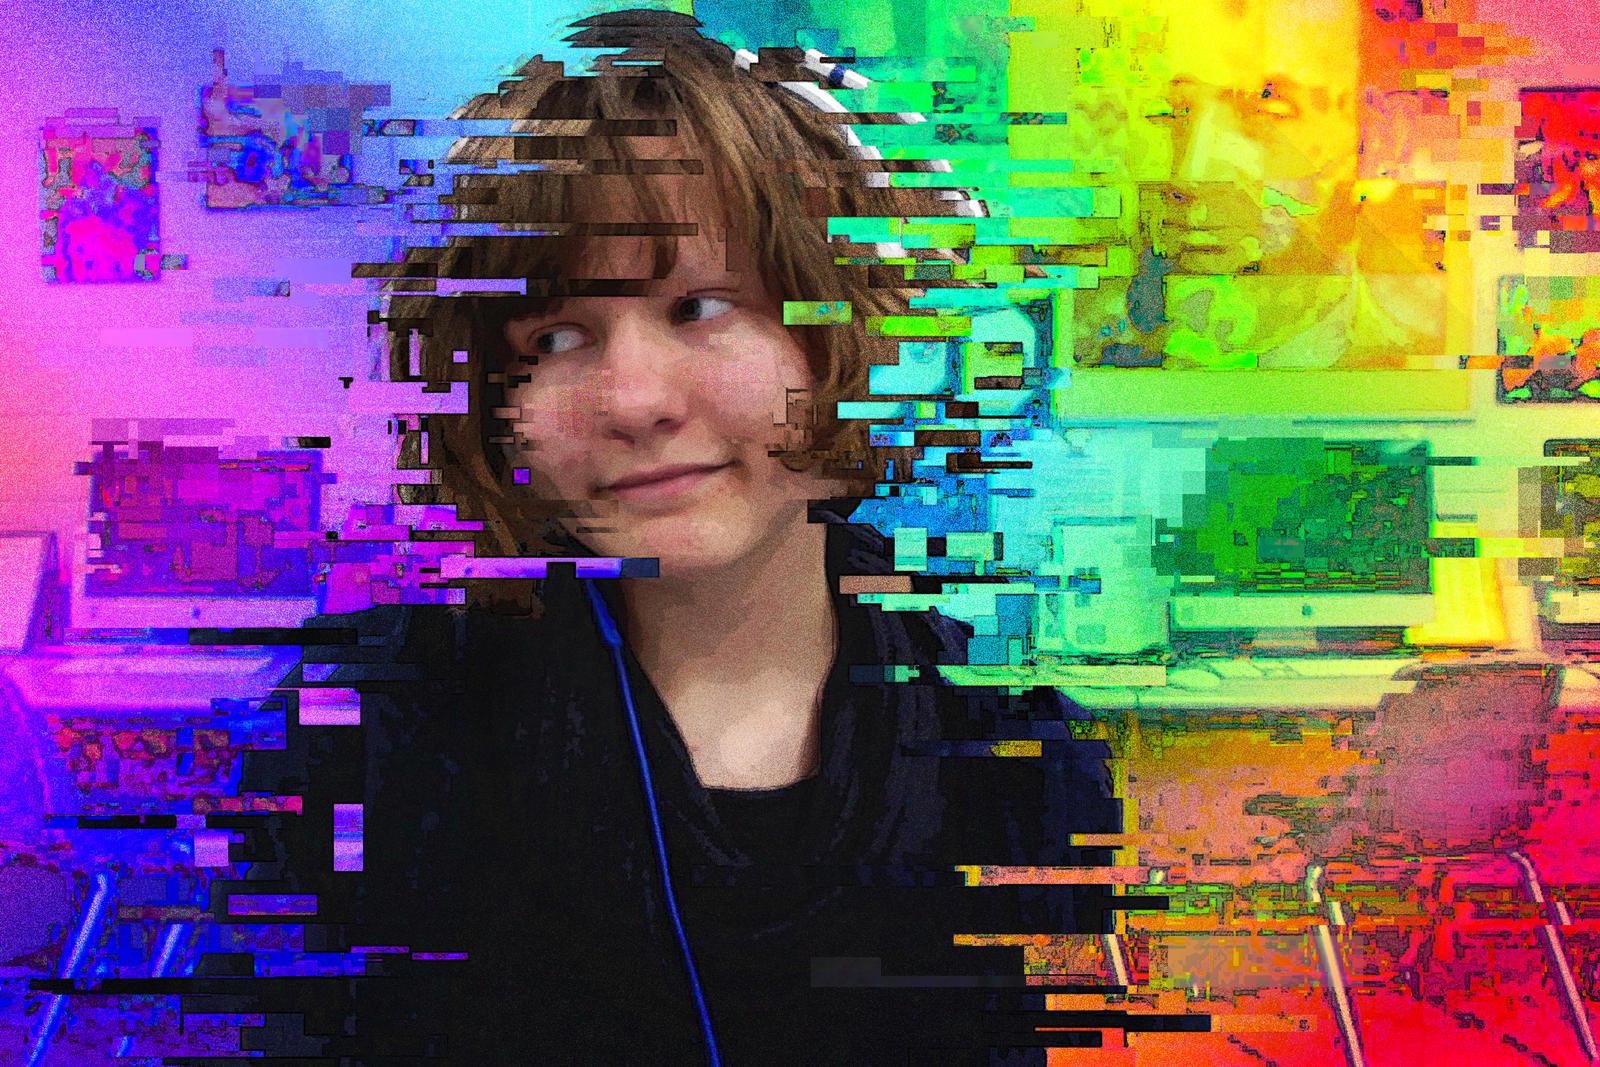 IamaCutie's Profile Picture